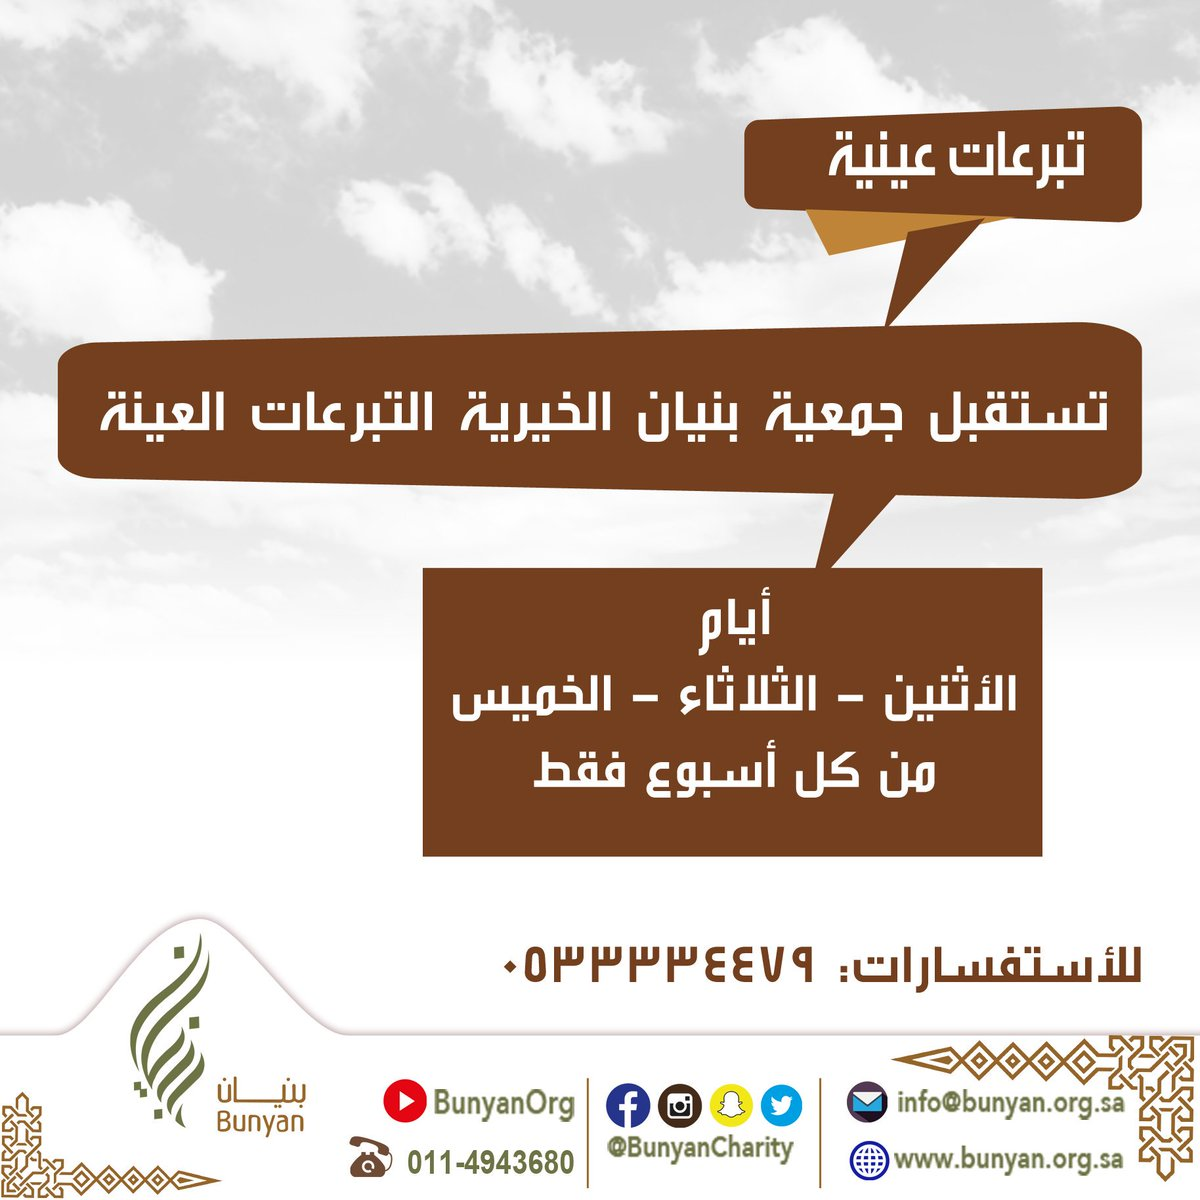 #جمعية_بنيان_الخيرية  #الرياض تستقبل الجمعية جميع التبرعات العينية في أيام #الاثنين #الثلاثاء #الخميس فقط https://t.co/OS4qClo9lR